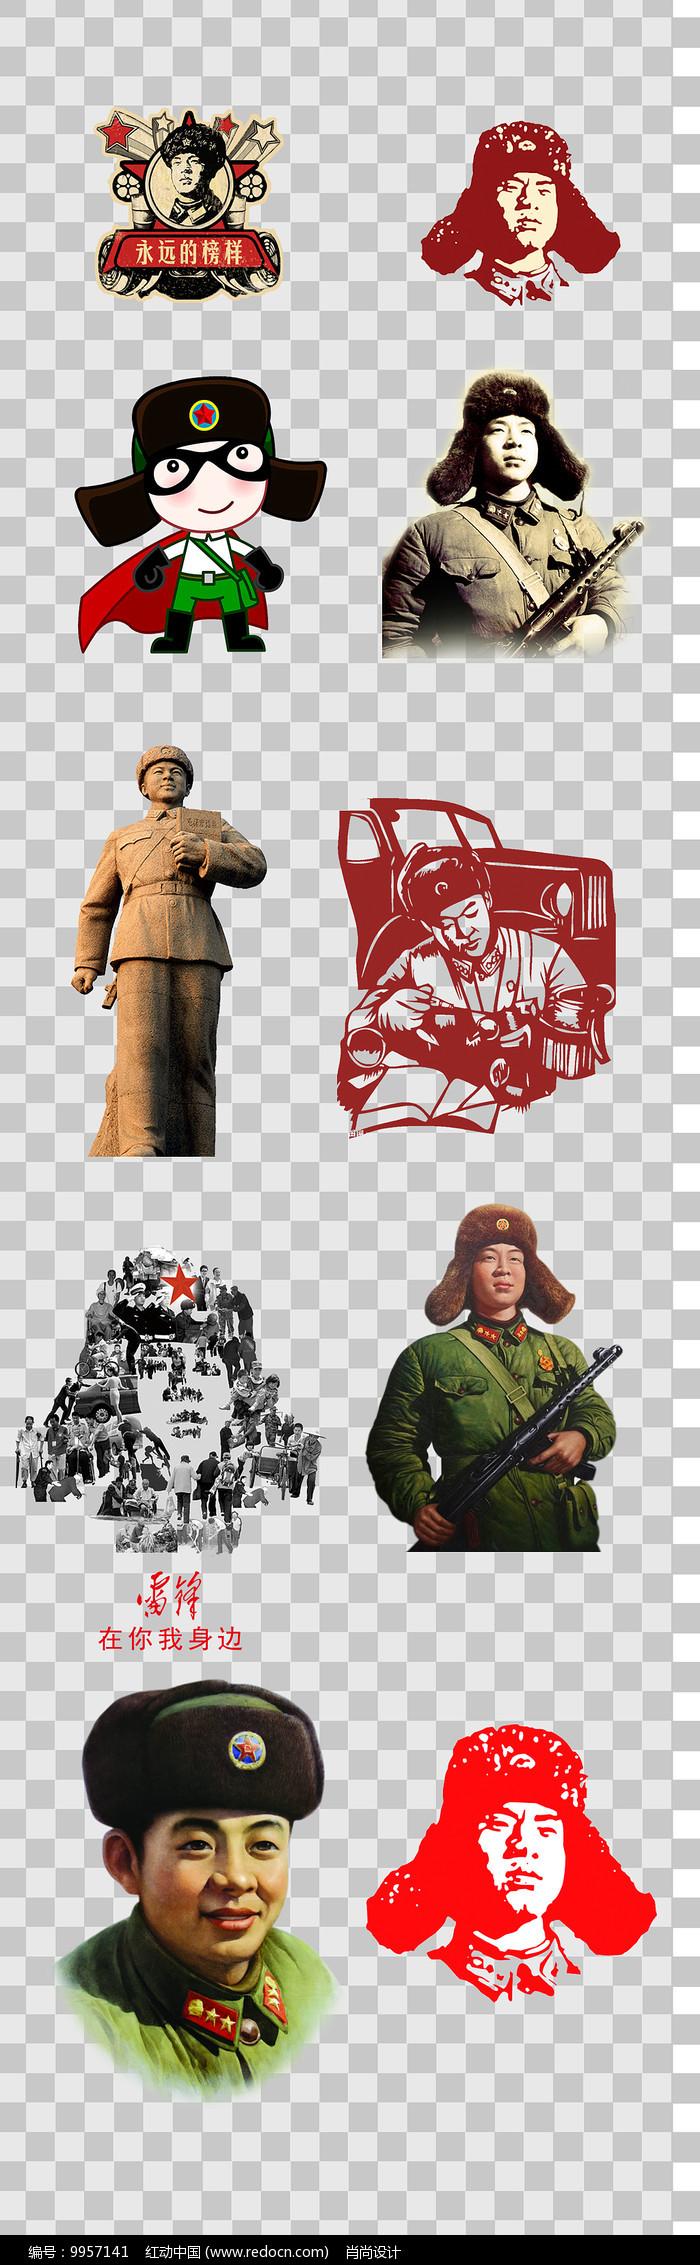 雷锋同志设计素材图片